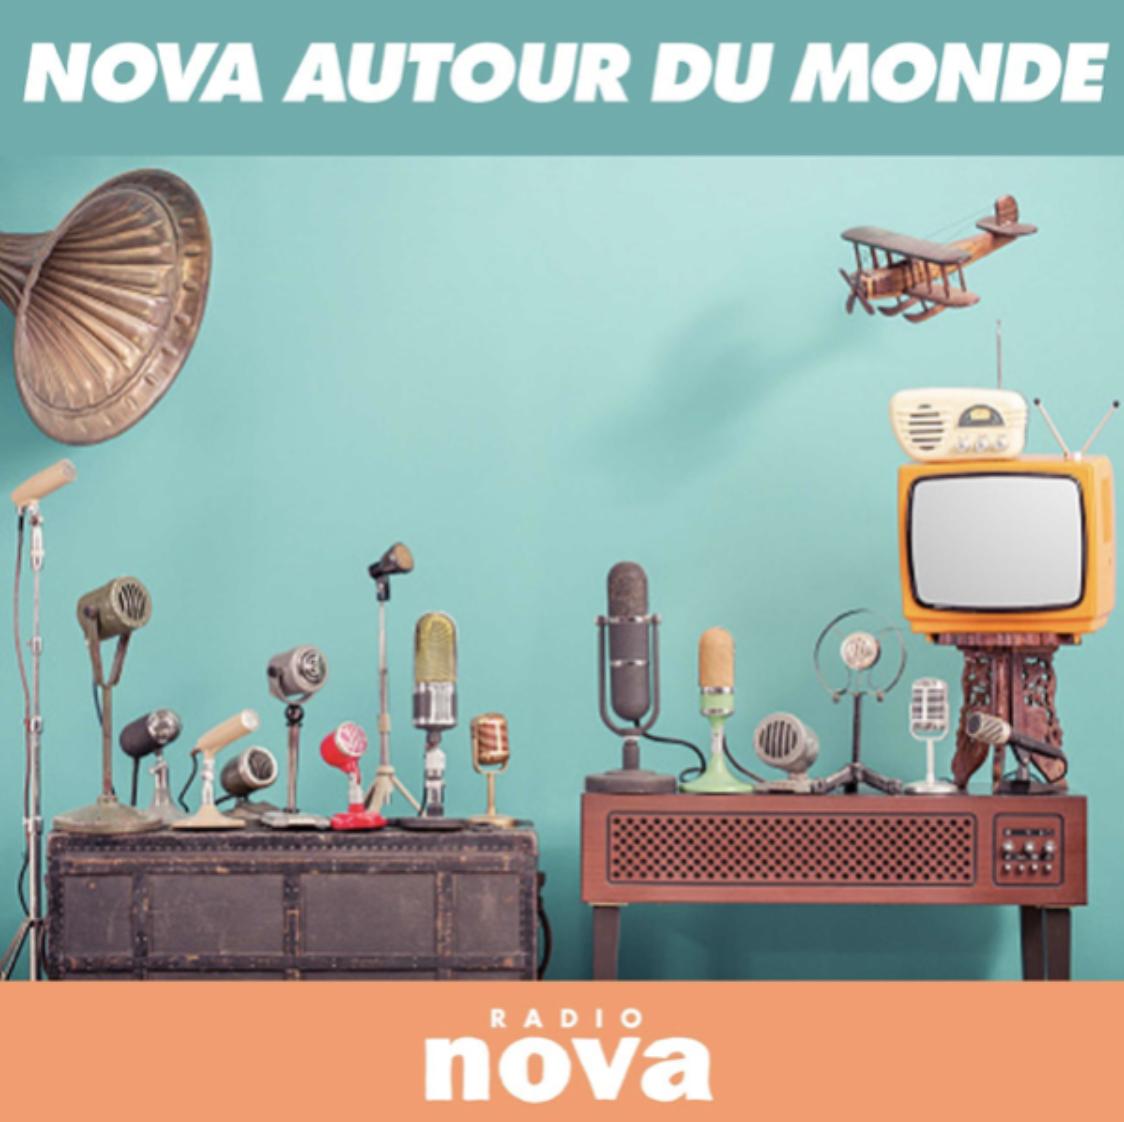 """""""Nova autour du monde"""" : une nouvelle émission sur Radio Nova"""